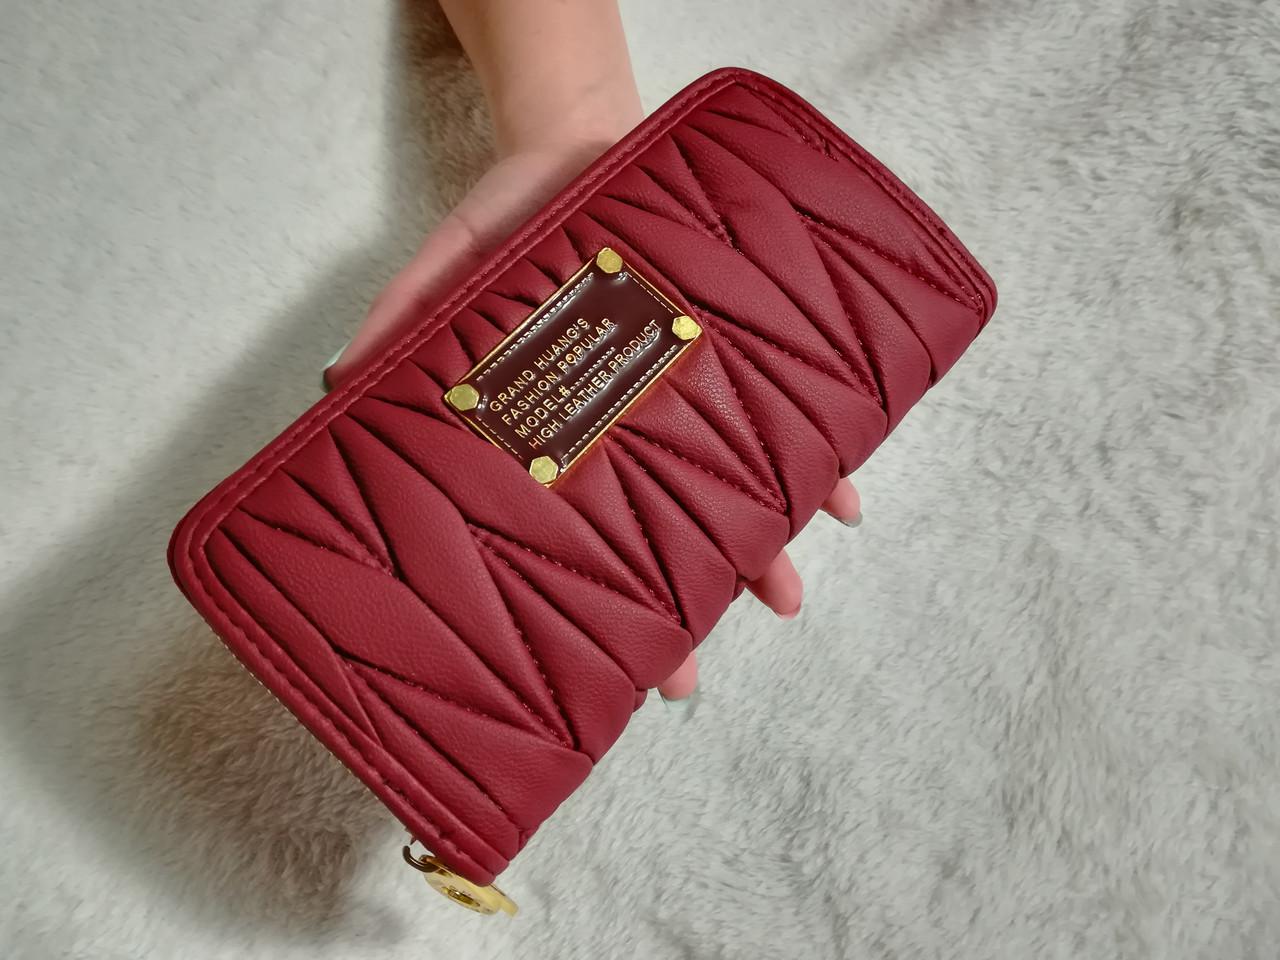 Женкий кошелек Mark Jacobs (копия ) бордовый + ремень на руку